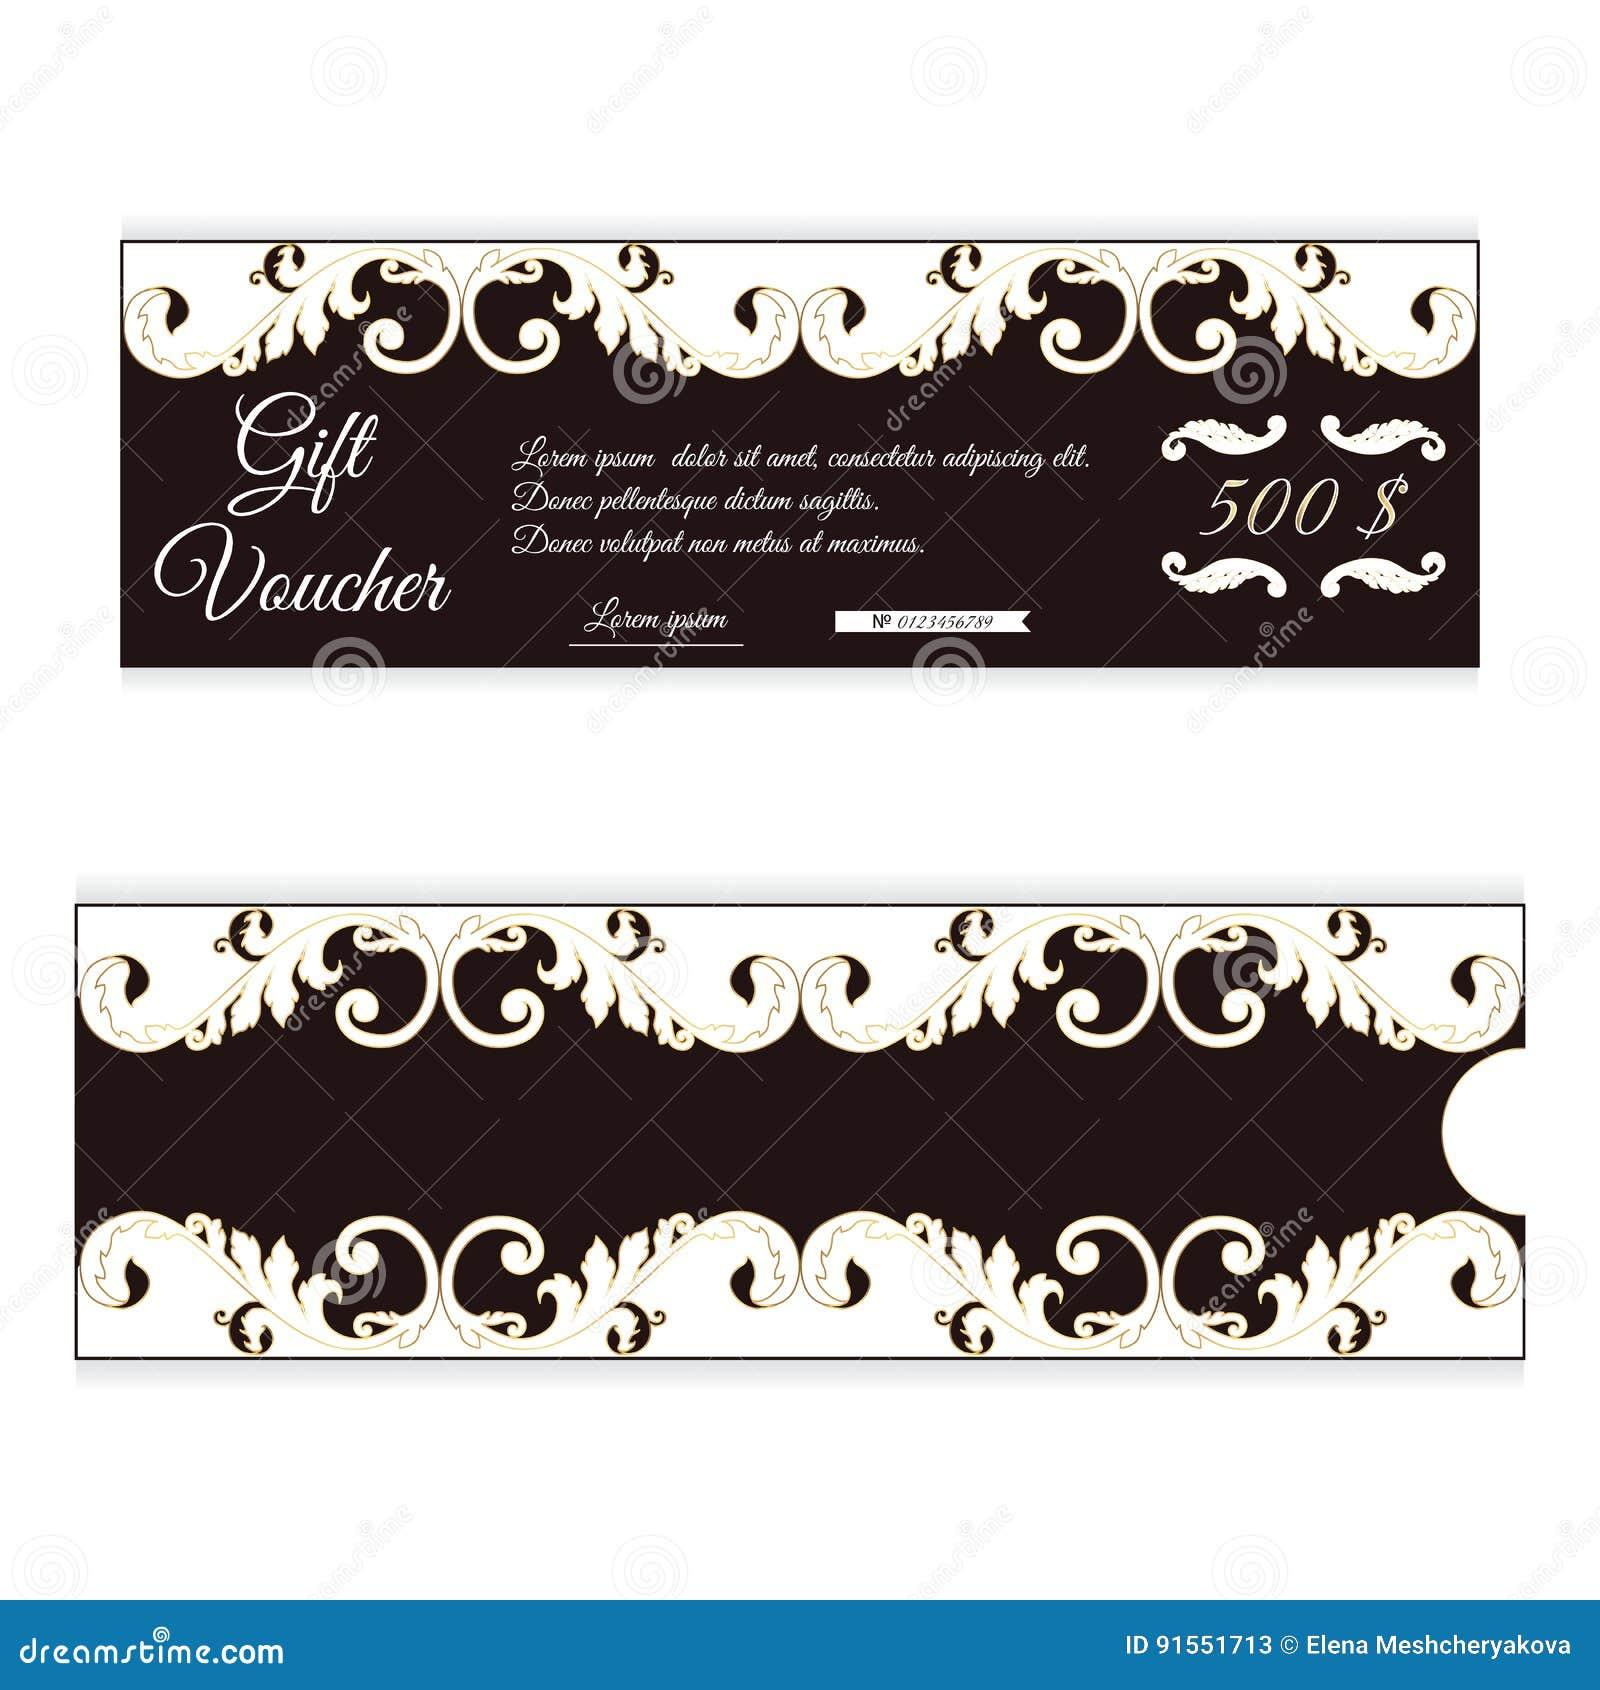 Le bon de cadeau élégant de remise est brun avec la couleur blanche Ornement à jour dans le style victorien Pour des boutiques